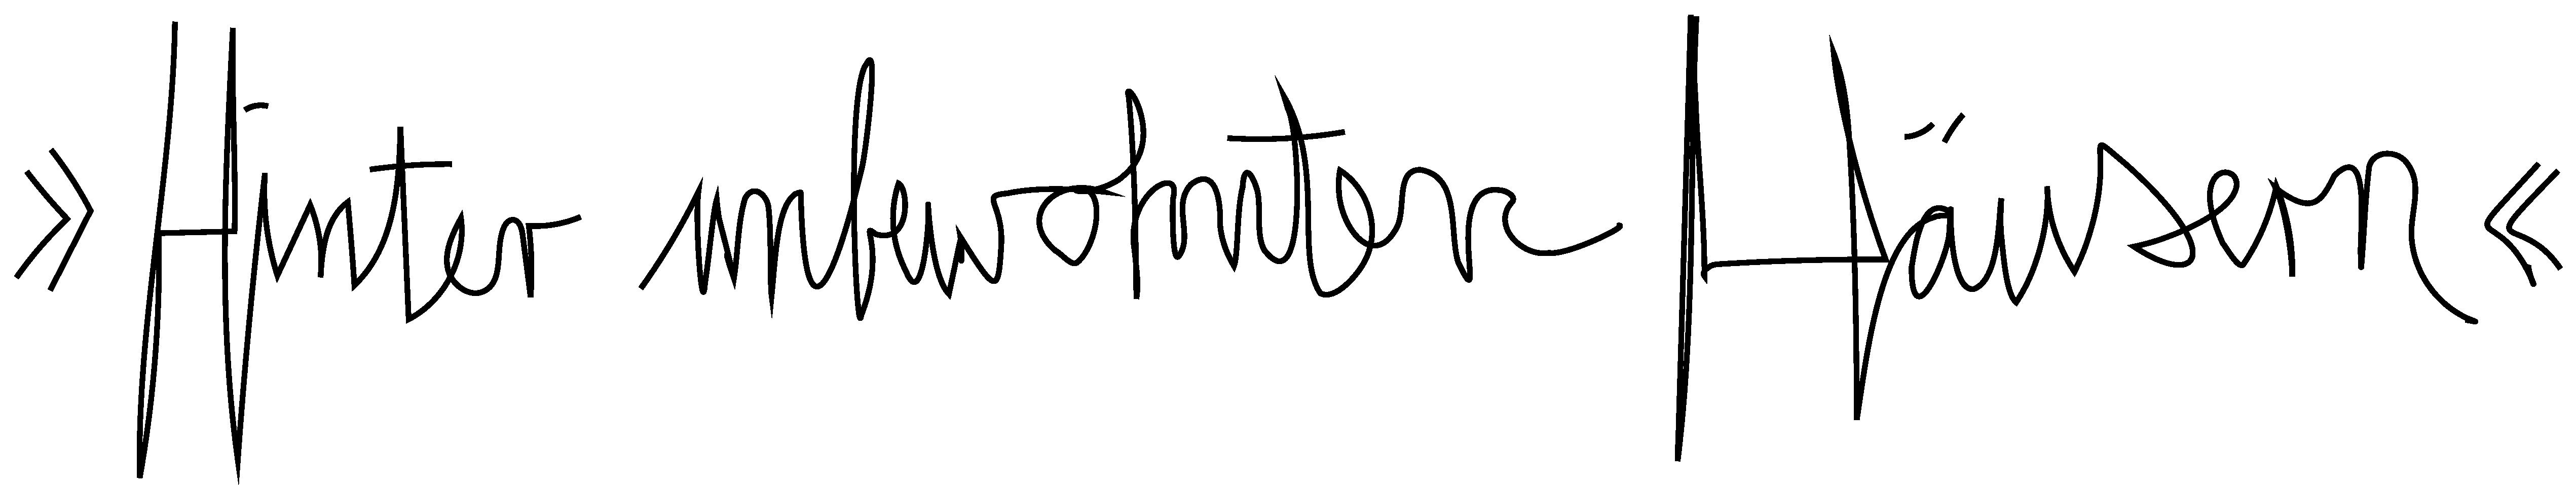 Kaufmann-Frust_Hinter_unbewohnten_Haeusern_Schriftzug_Zeichenflaeche-1-Kopie-3